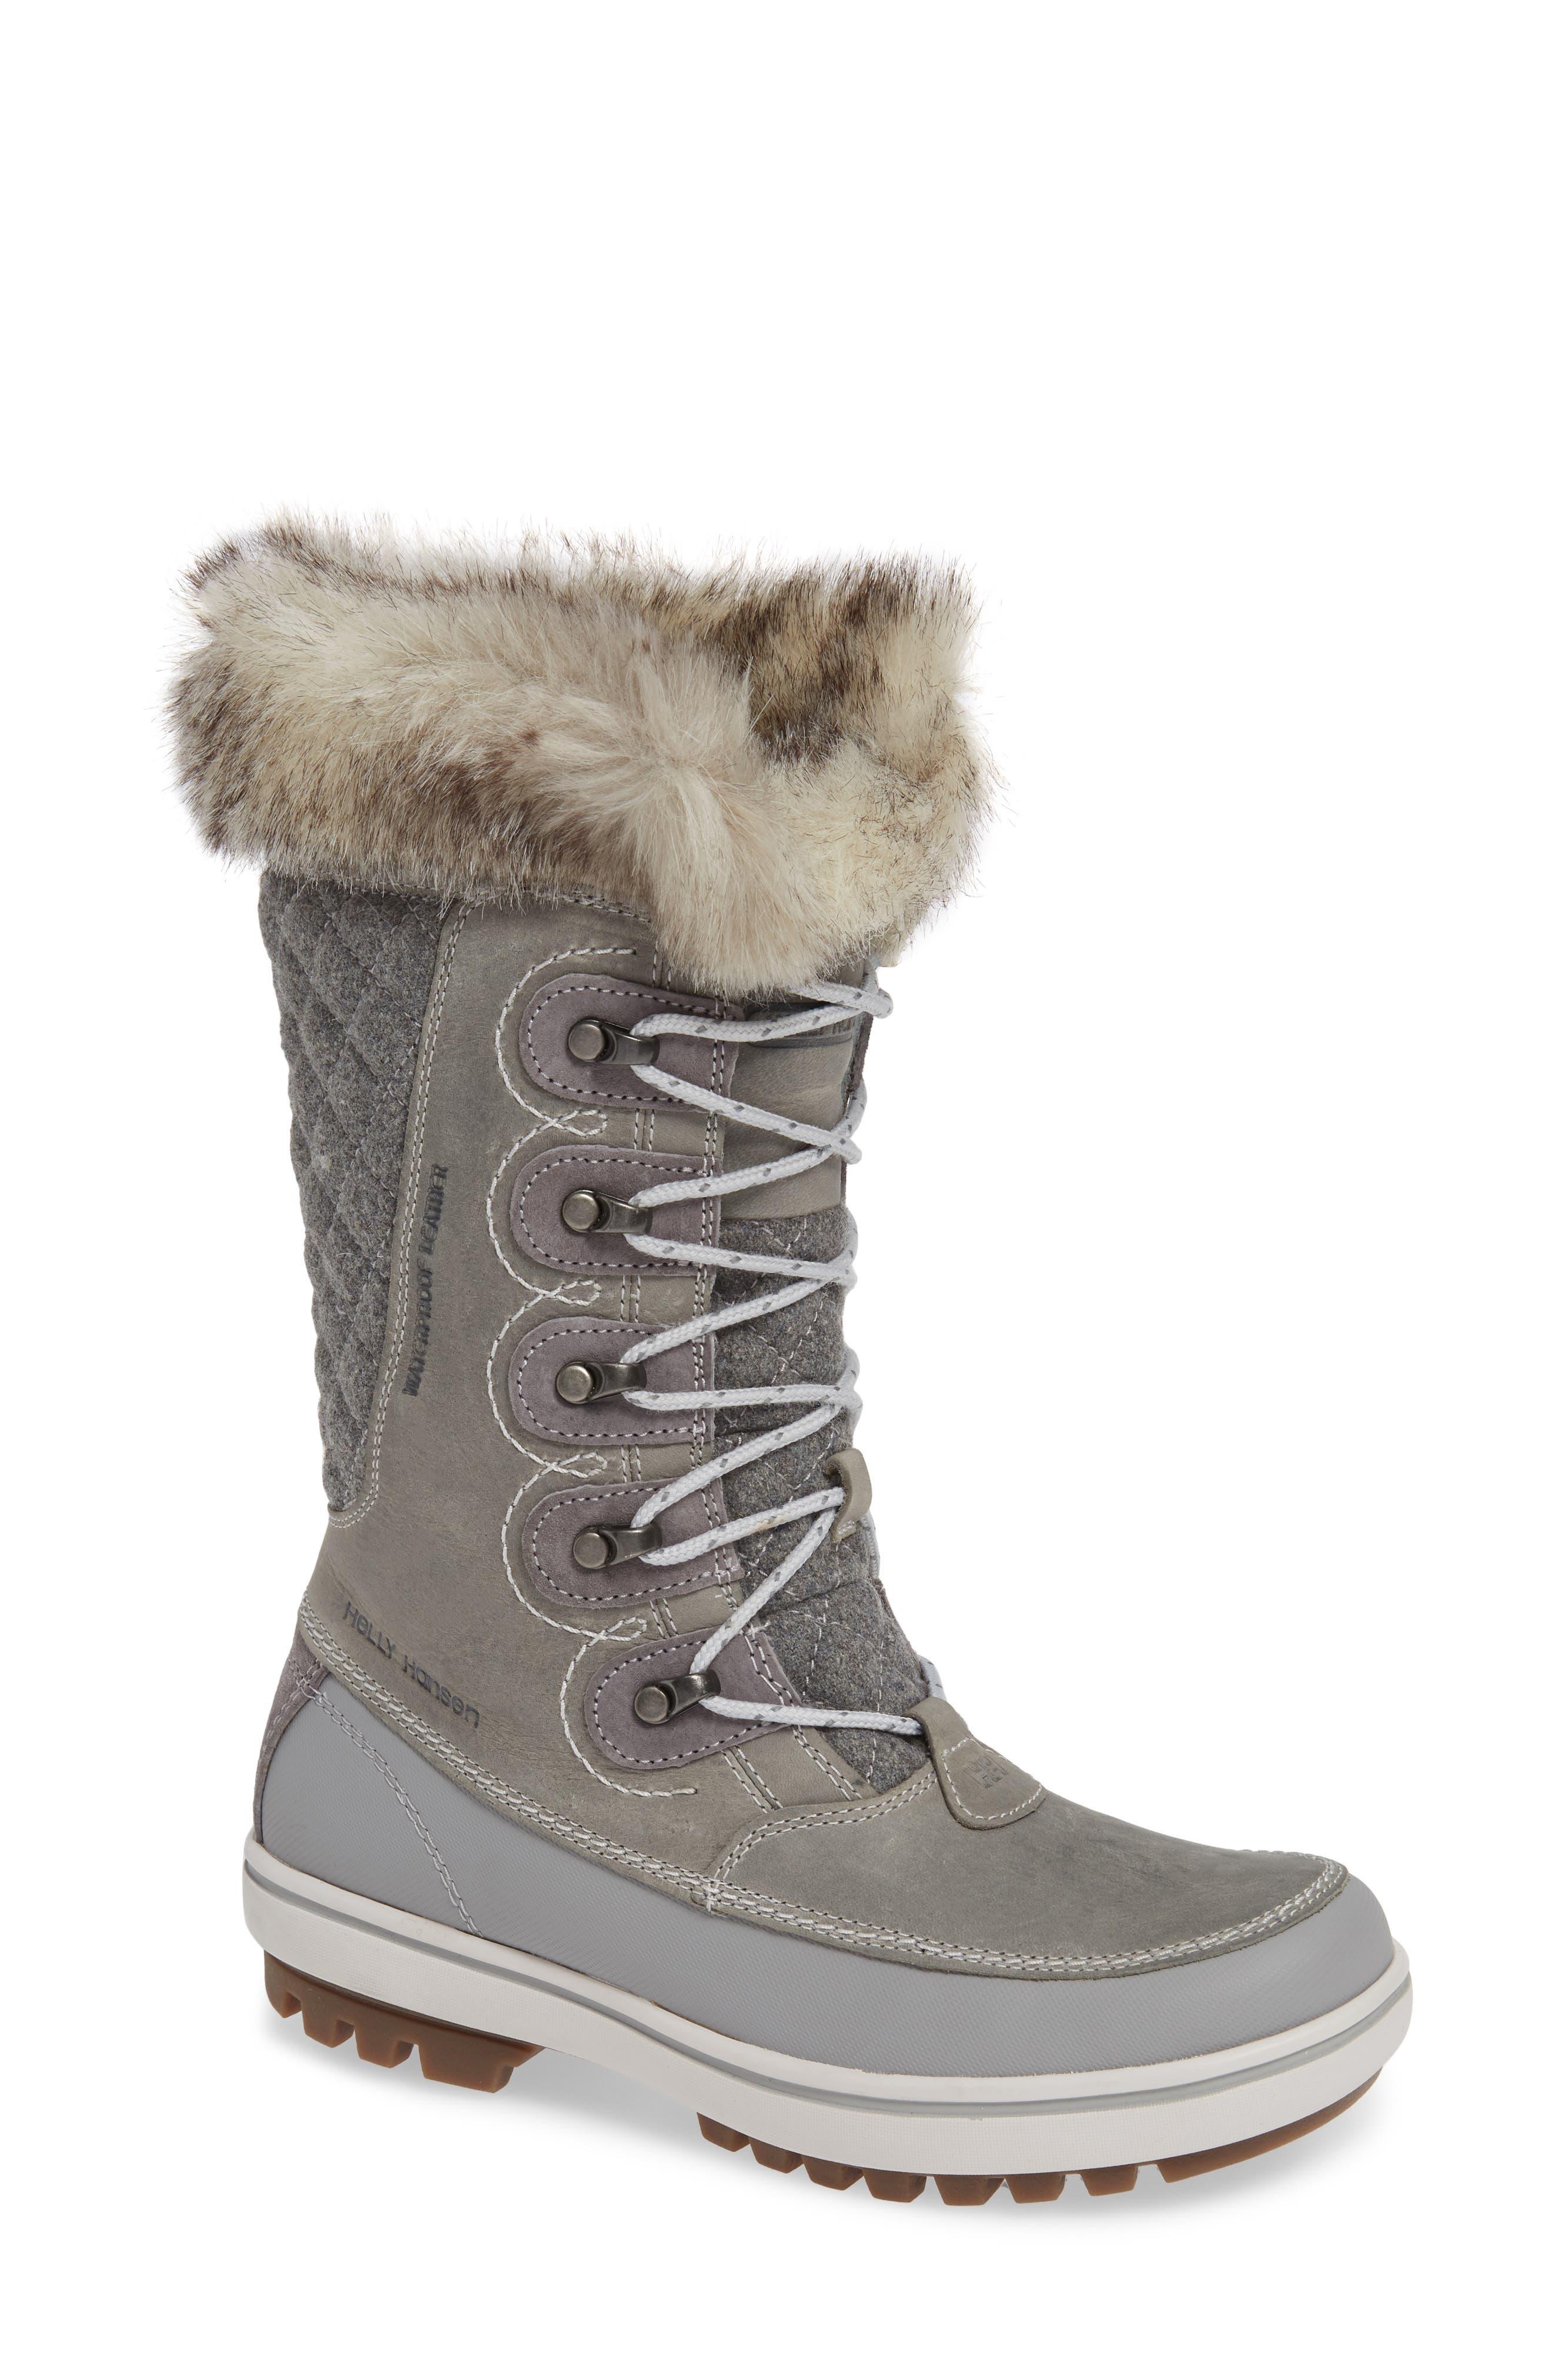 Helly Hansen Garibaldi Waterproof Boot- Grey